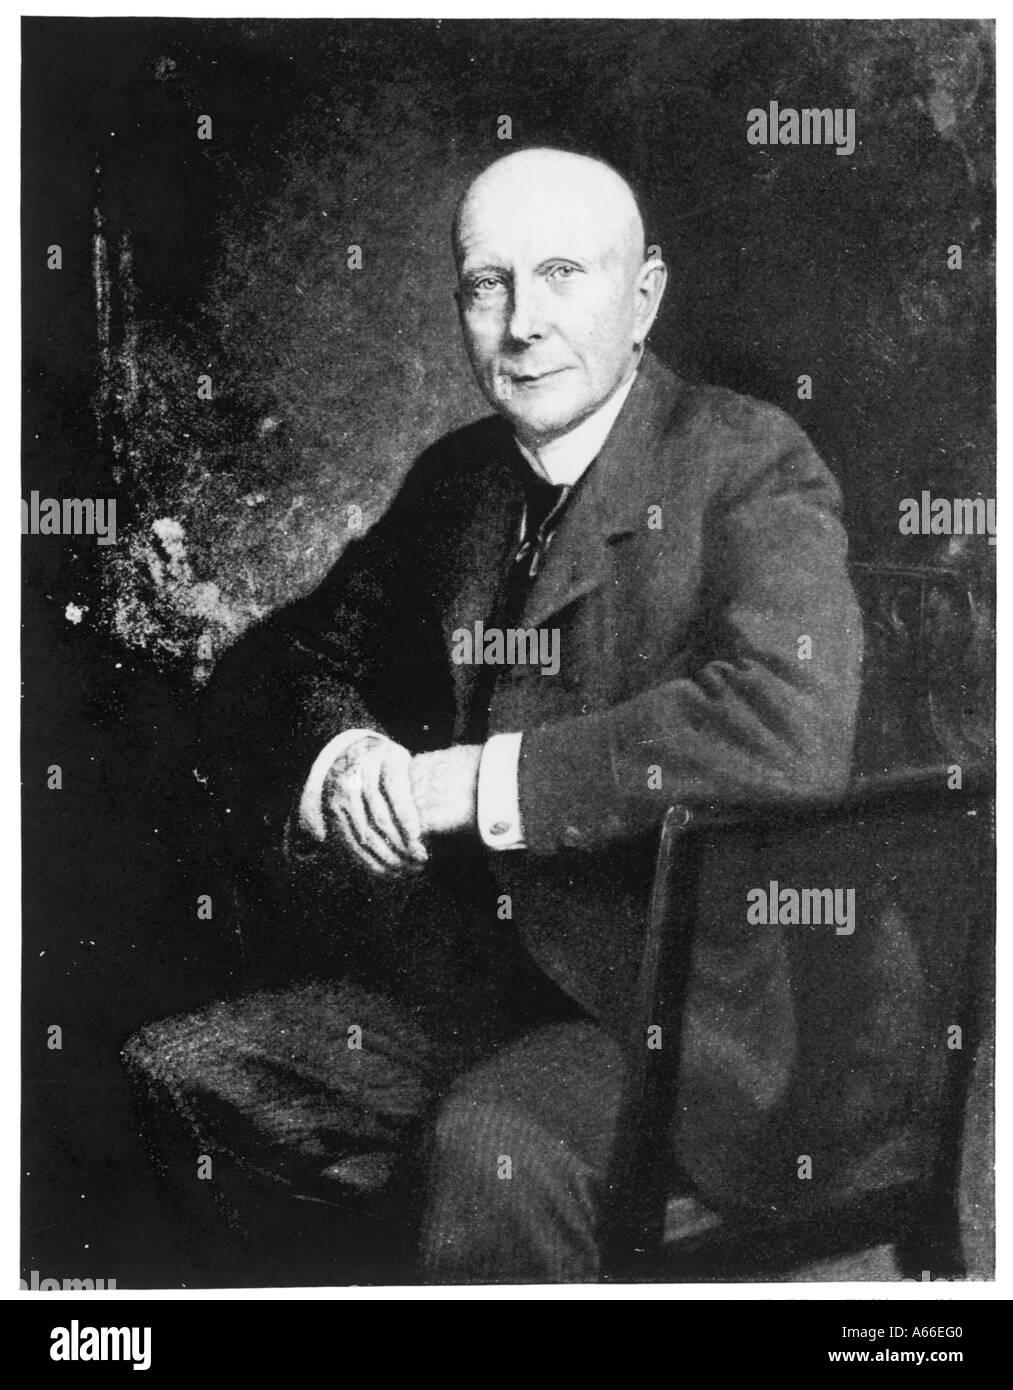 John D. Rockefeller - Stock Image